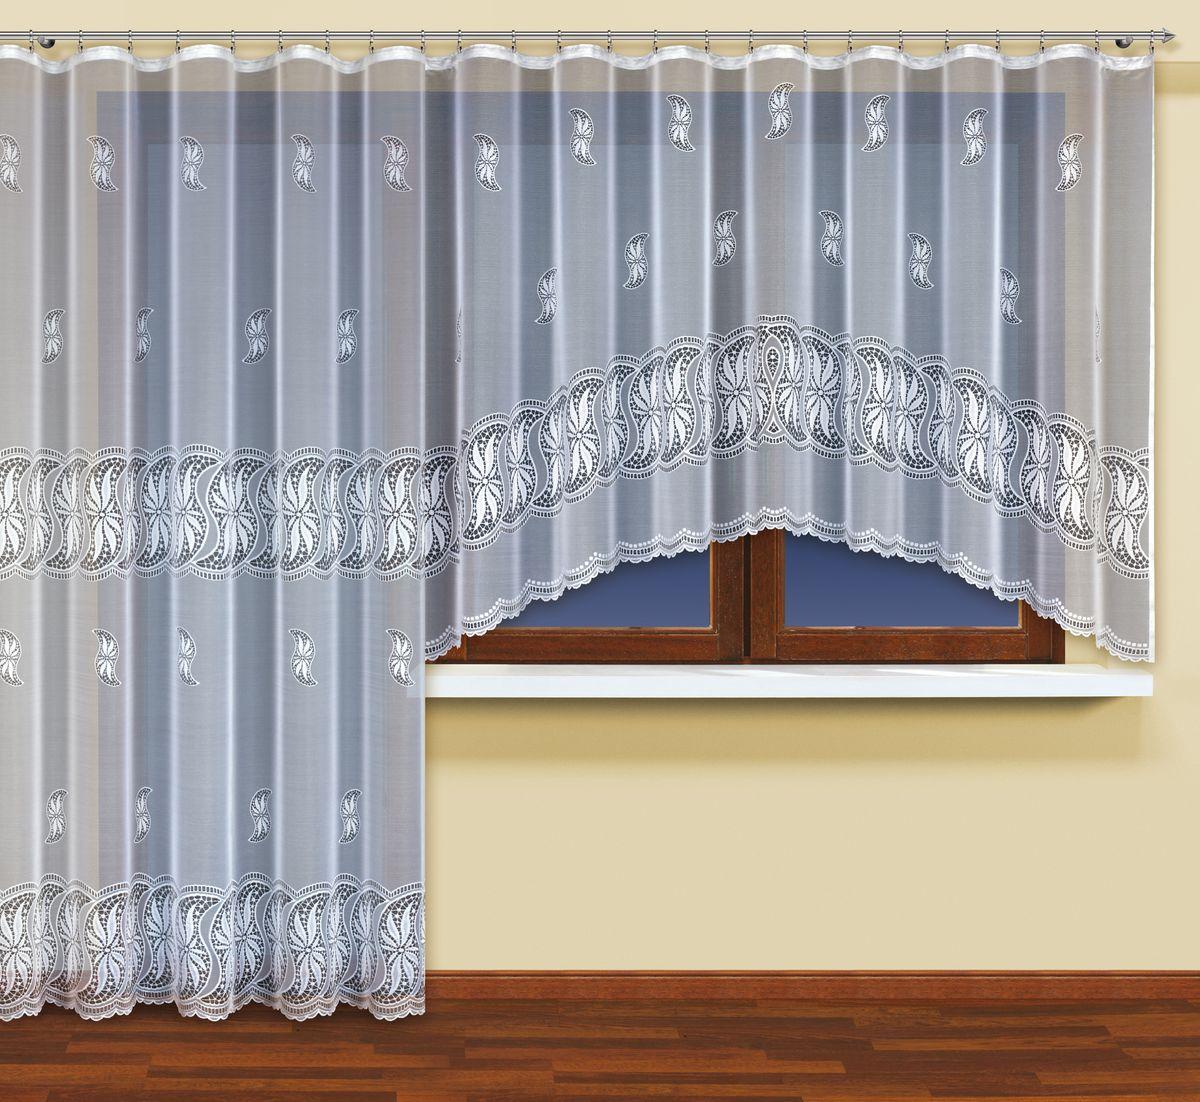 Комплект гардин для балконной двери Wisan, цвет: белый, 160 x 300, 250 x 200. 214190С W1223 V78070Комплект гардин Wisan изготовлен из полиэстера. Комплект гардин Wisan станет великолепным украшением балконного окна.